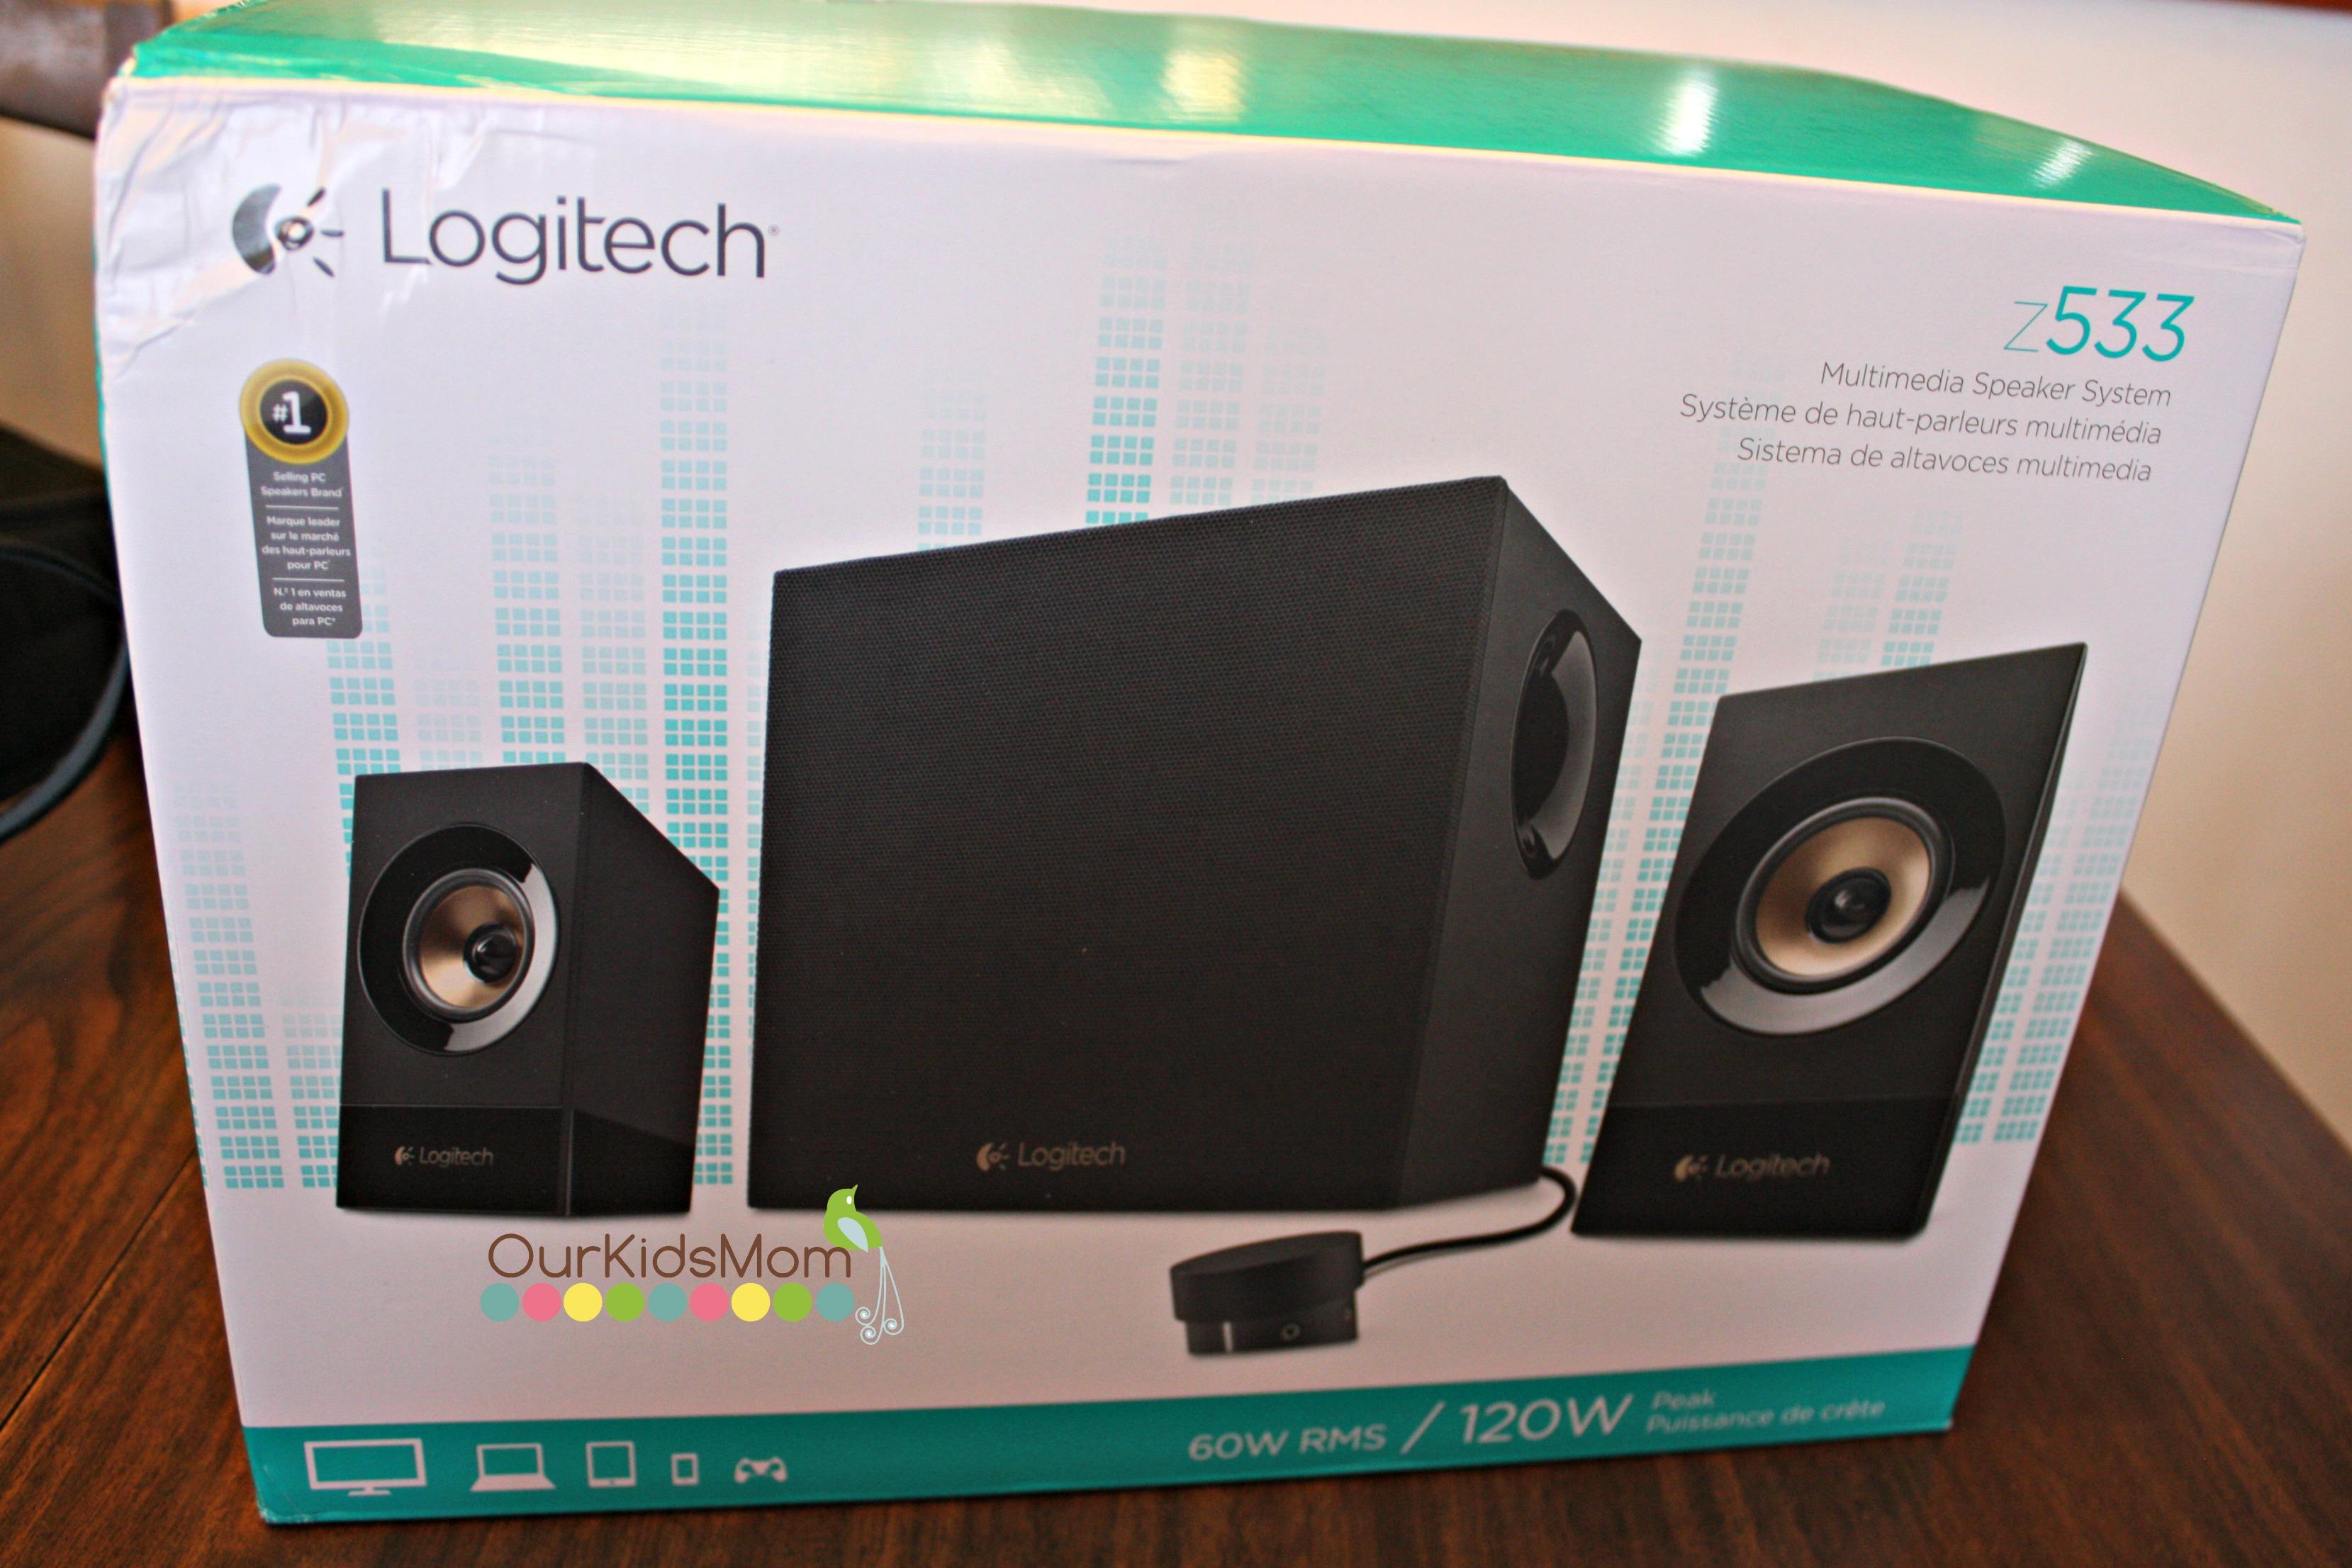 Speaker System in the box